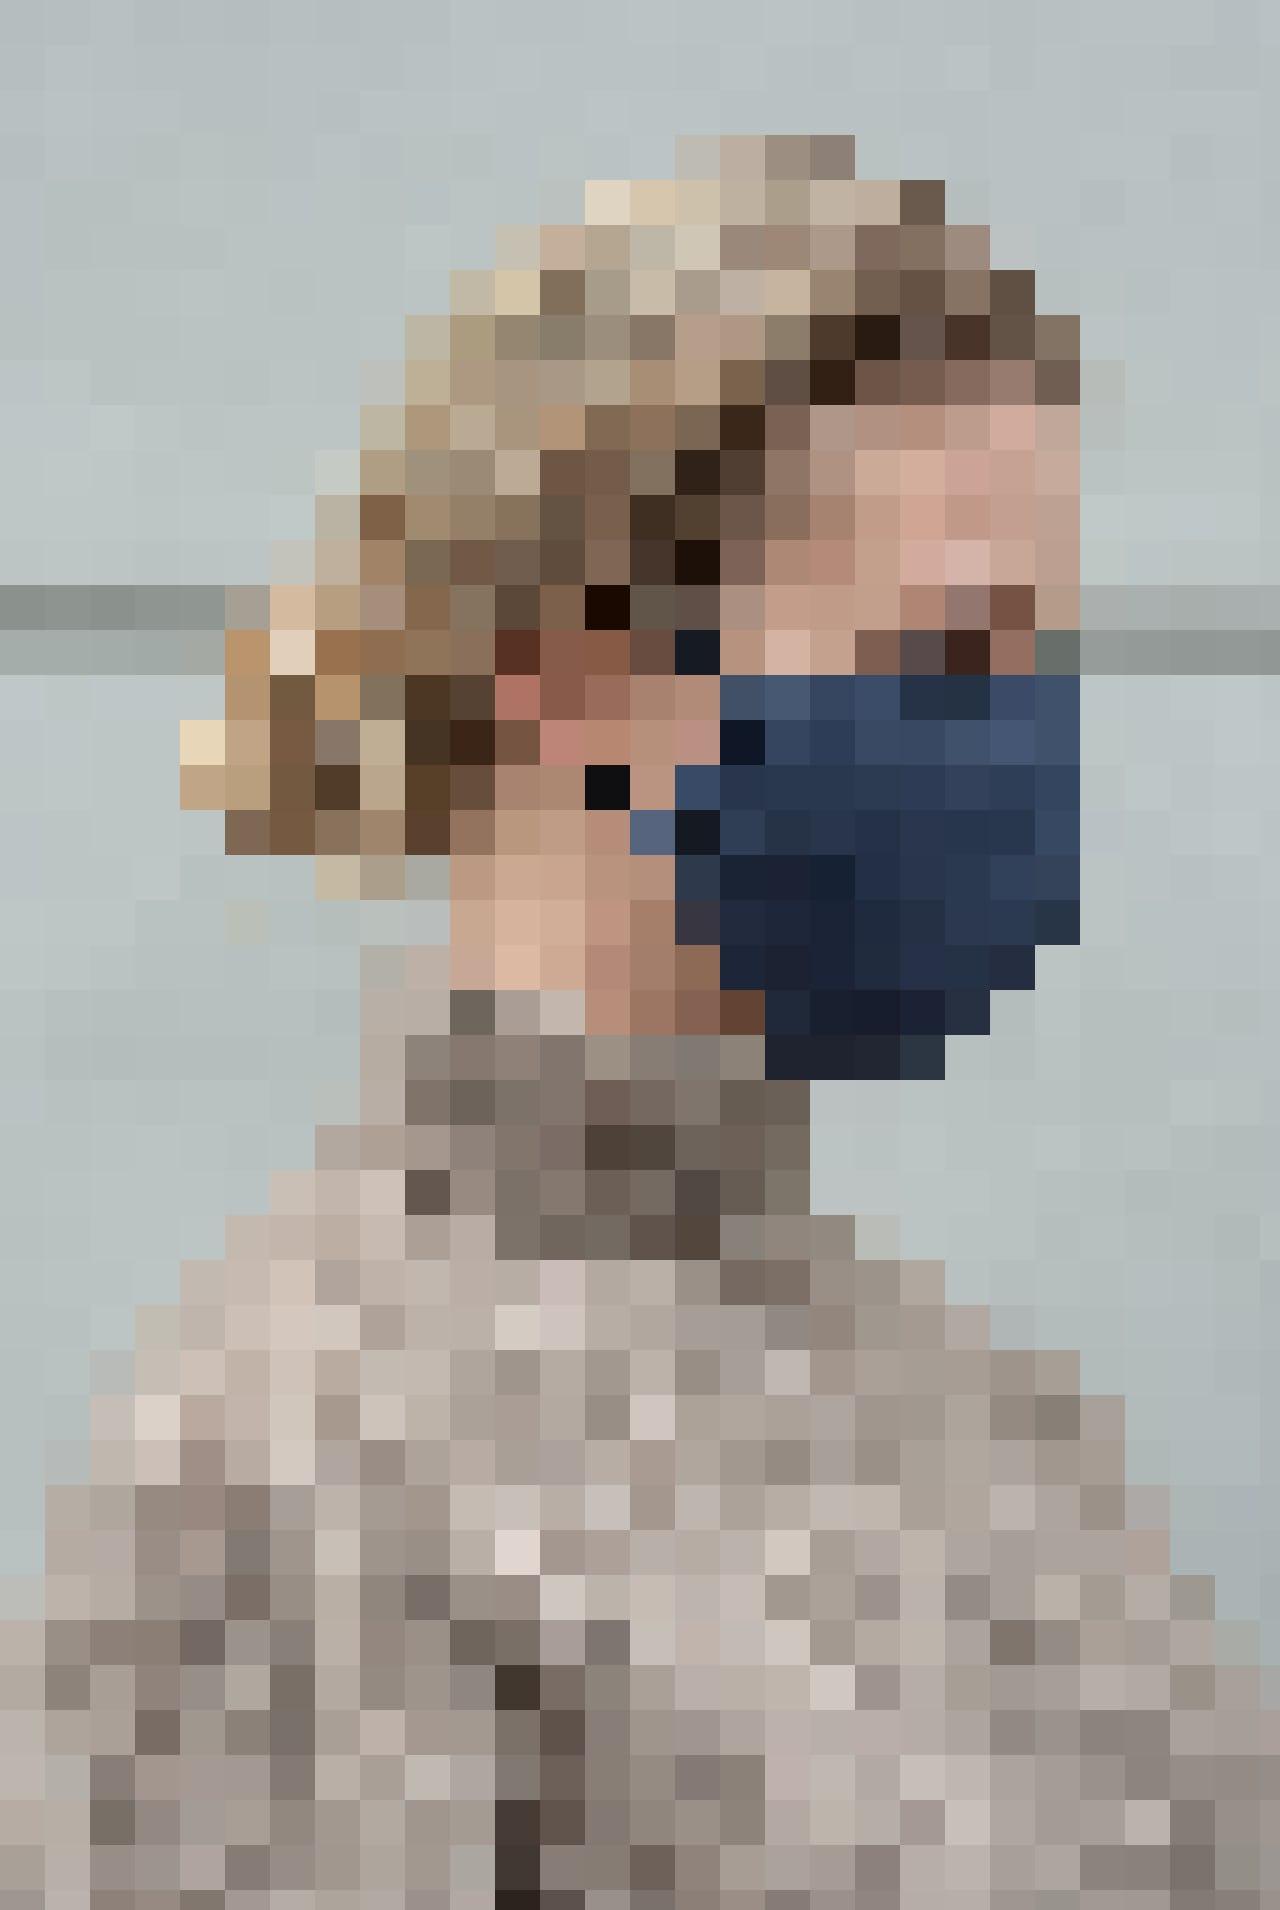 Durch die mit dem Fleece beschichtete Innenseite ist die Airguard Schutzmaske angenehm zu tragen.